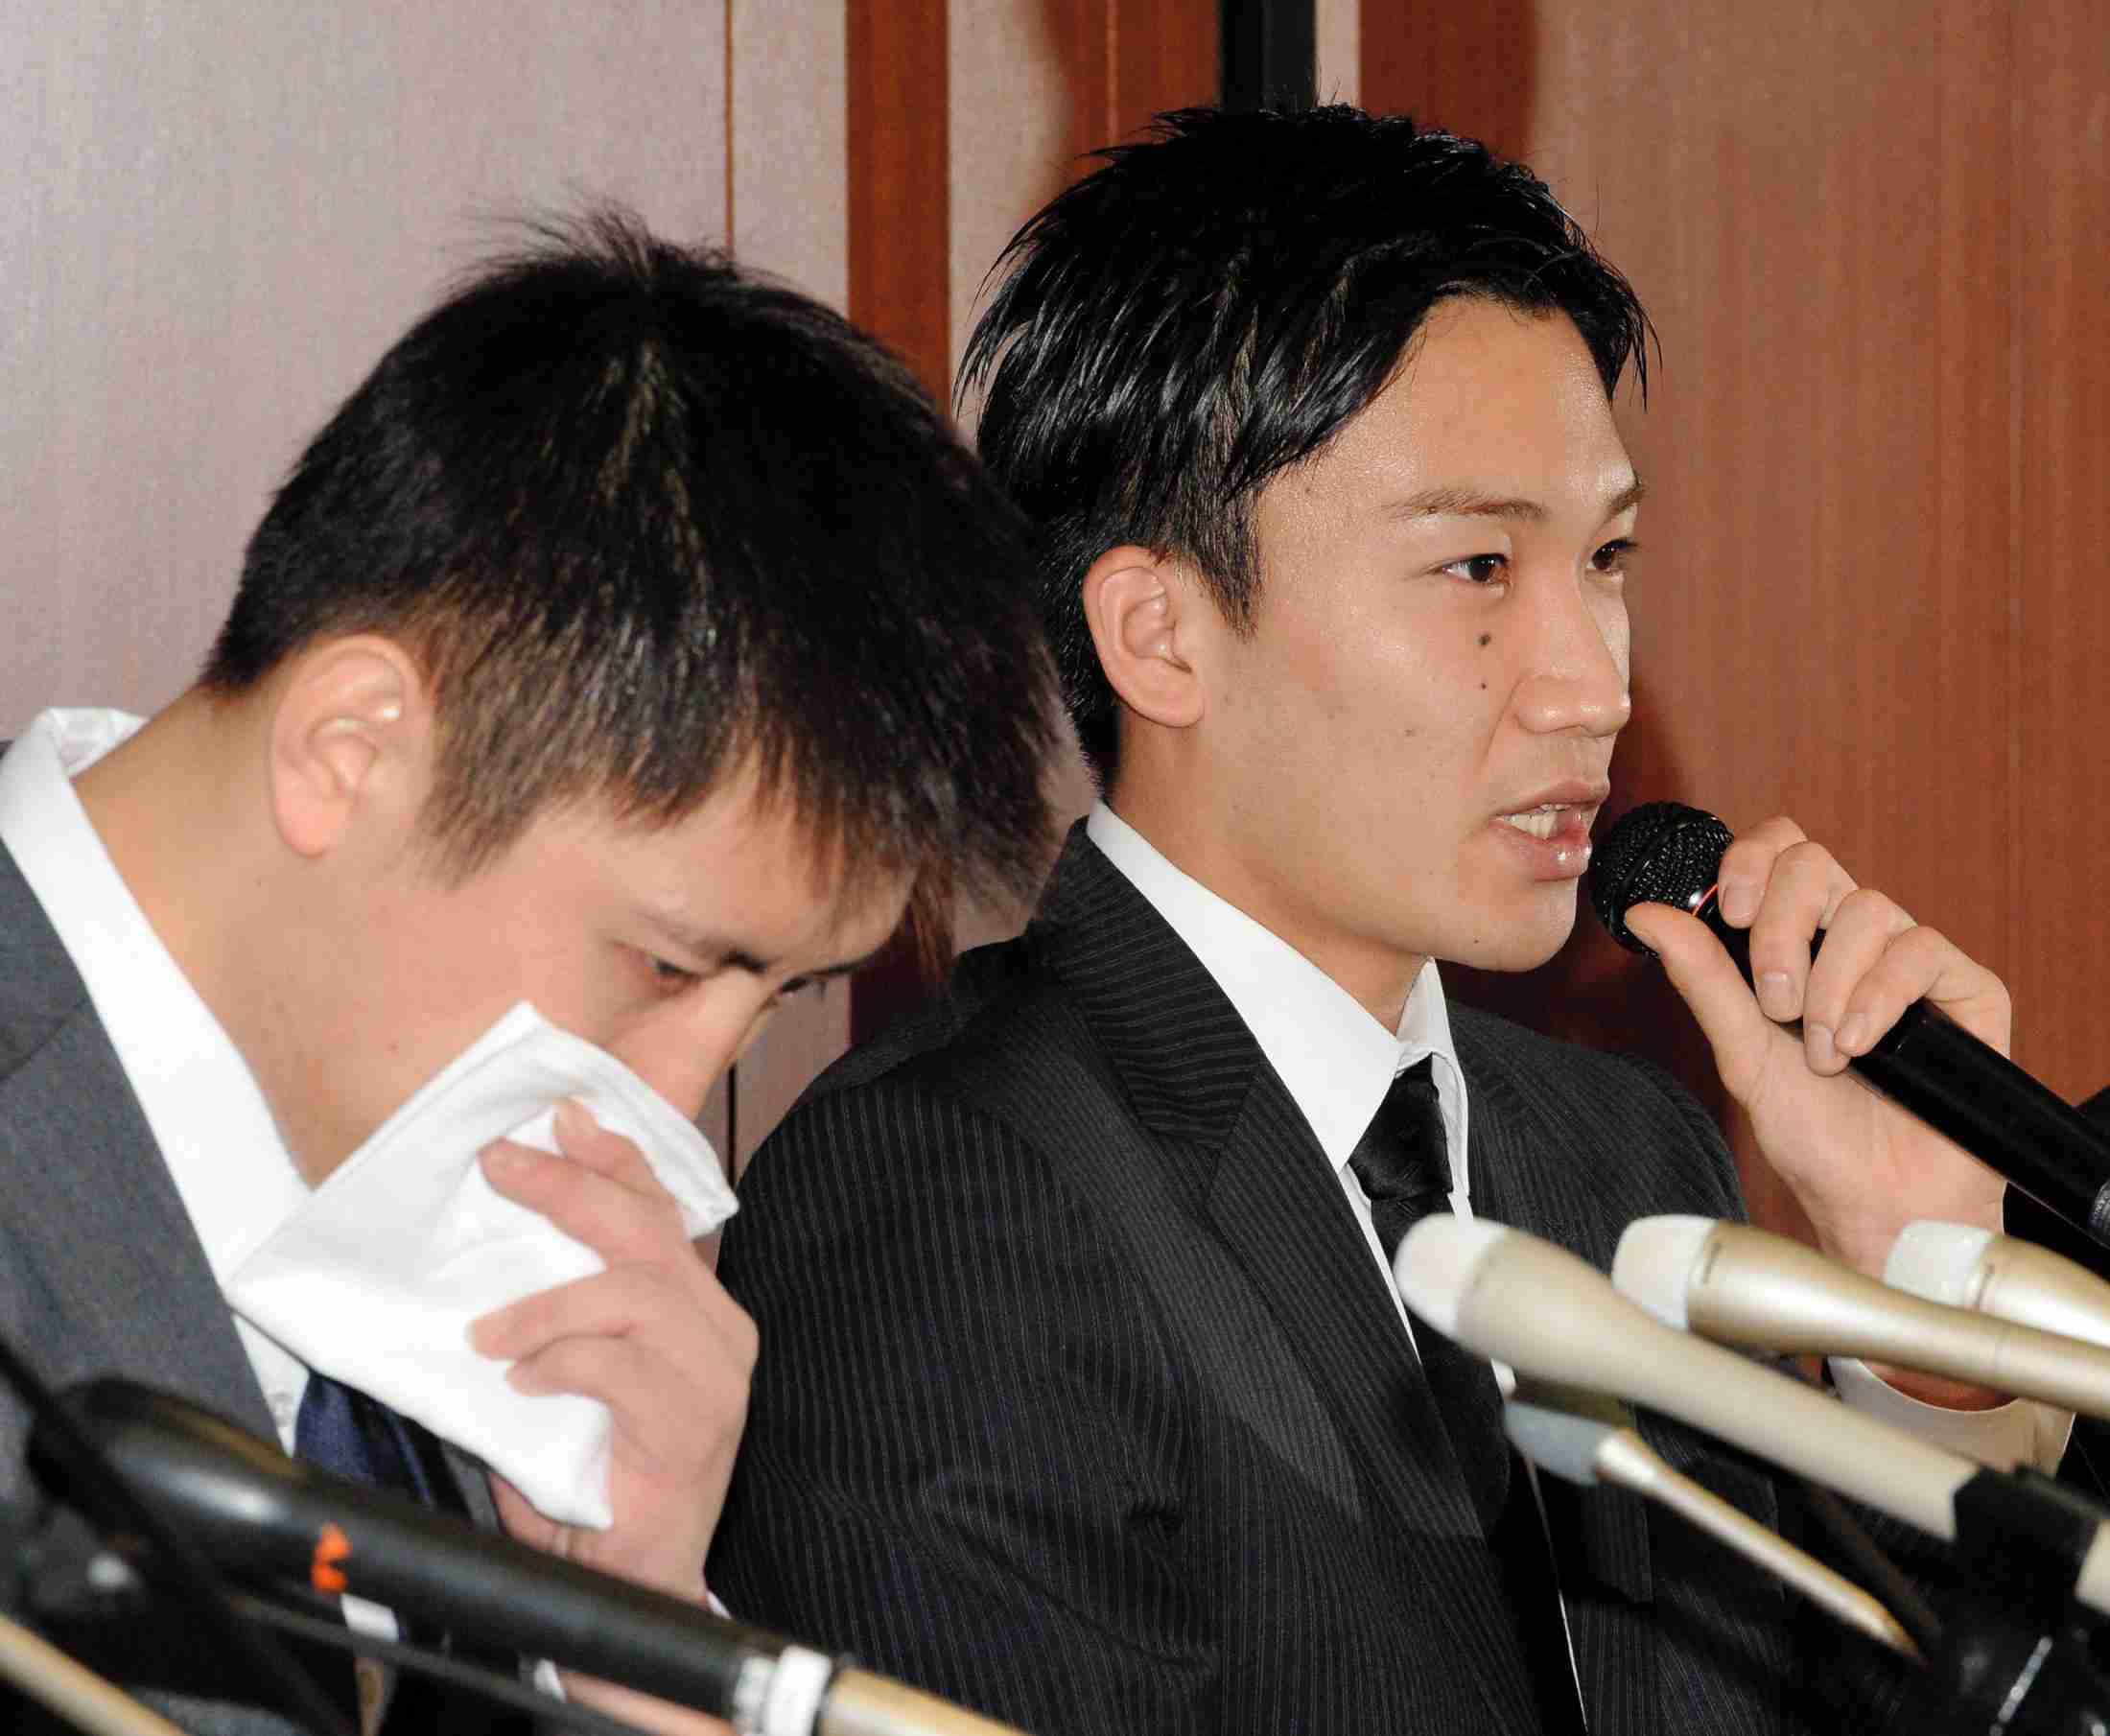 田児、桃田 反省の黒髪で謝罪 7日に自ら染め直す (デイリースポーツ) - Yahoo!ニュース